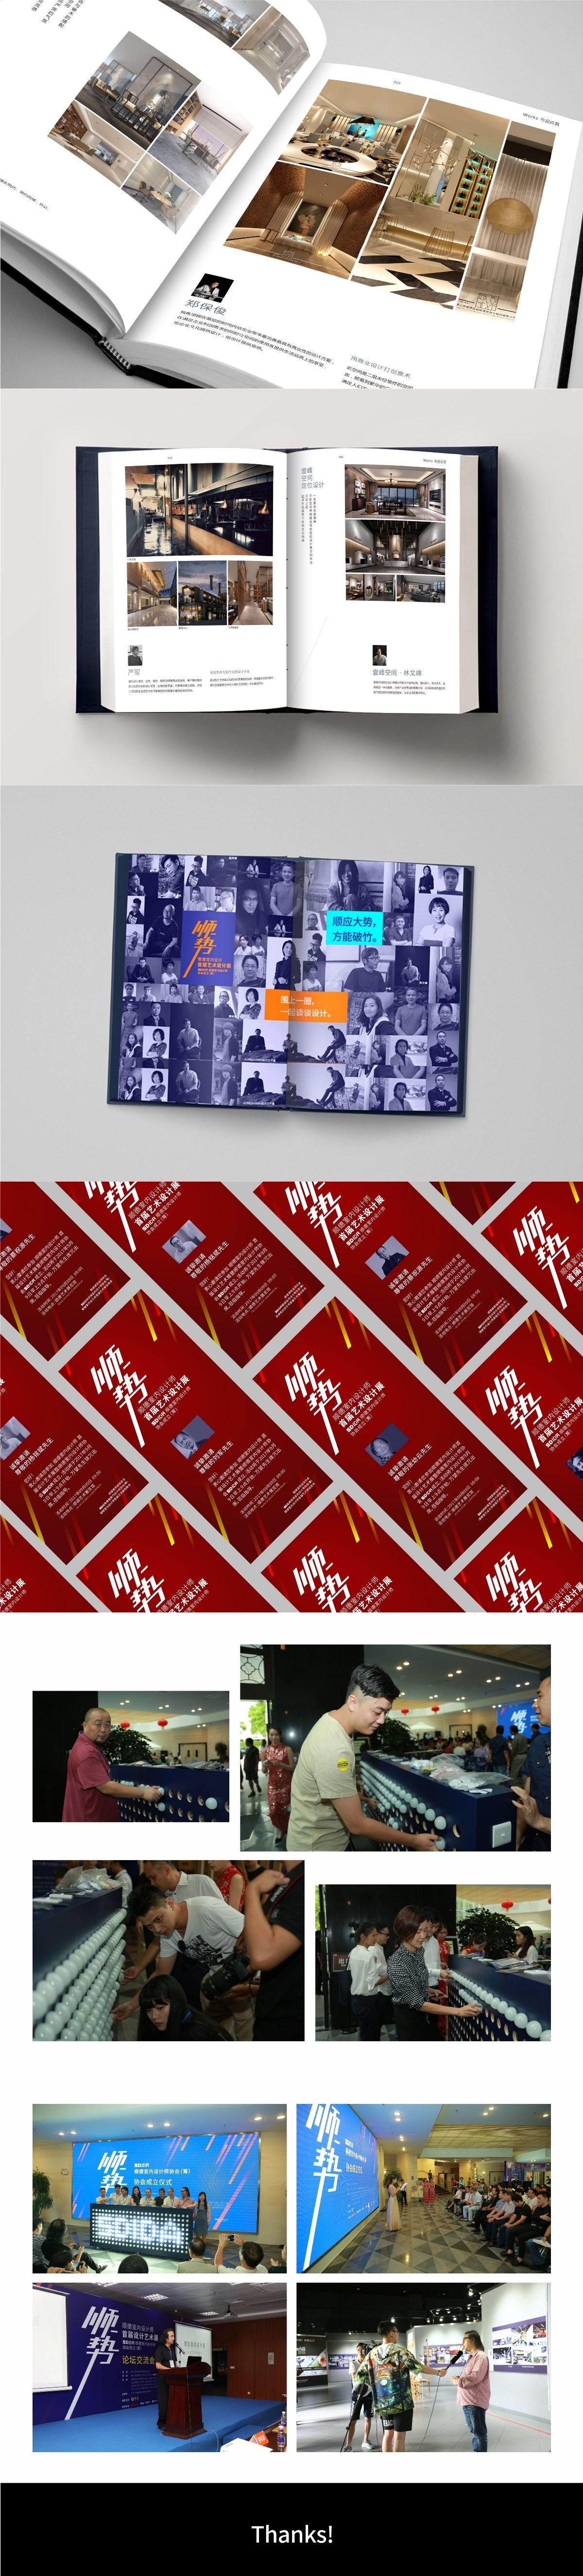 顺势设计展 一个展览如何成为一个行业的集体宣言?